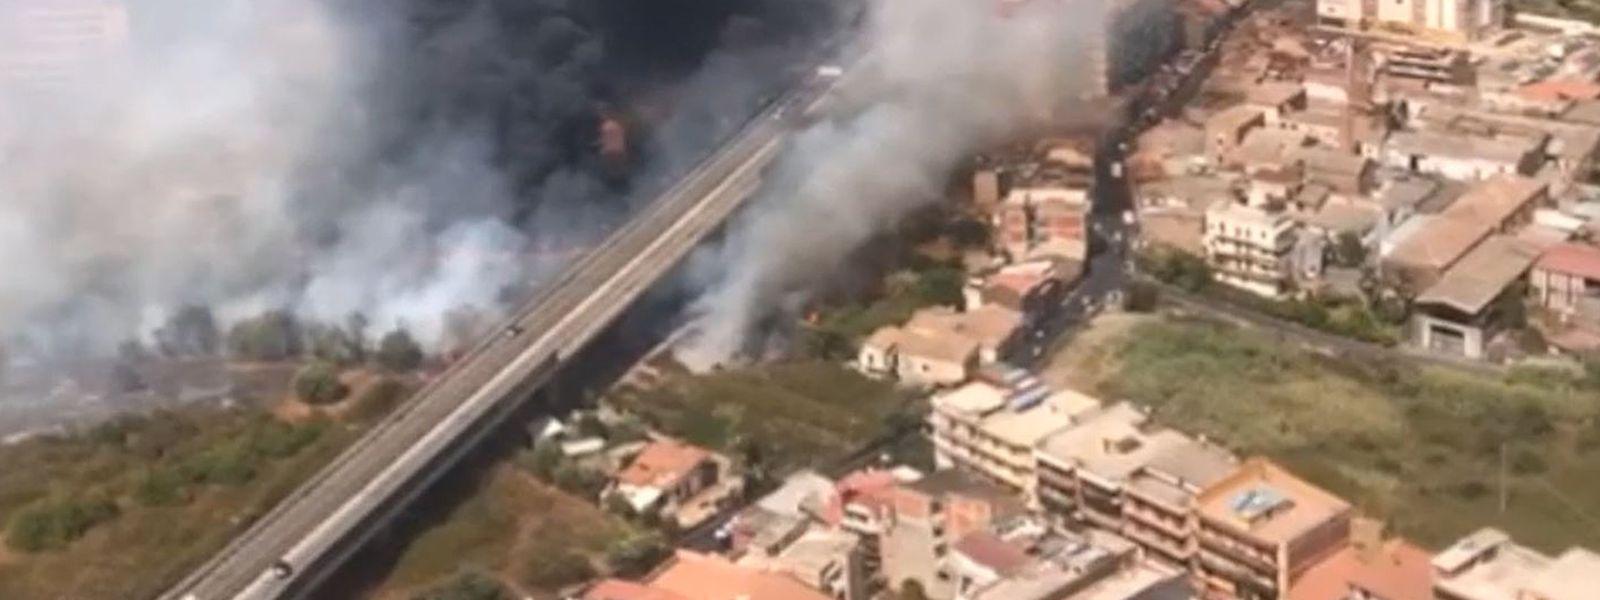 Blick aus einem Hubschrauber der Feuerwehr auf Brände neben der Via Palermo in Catania.